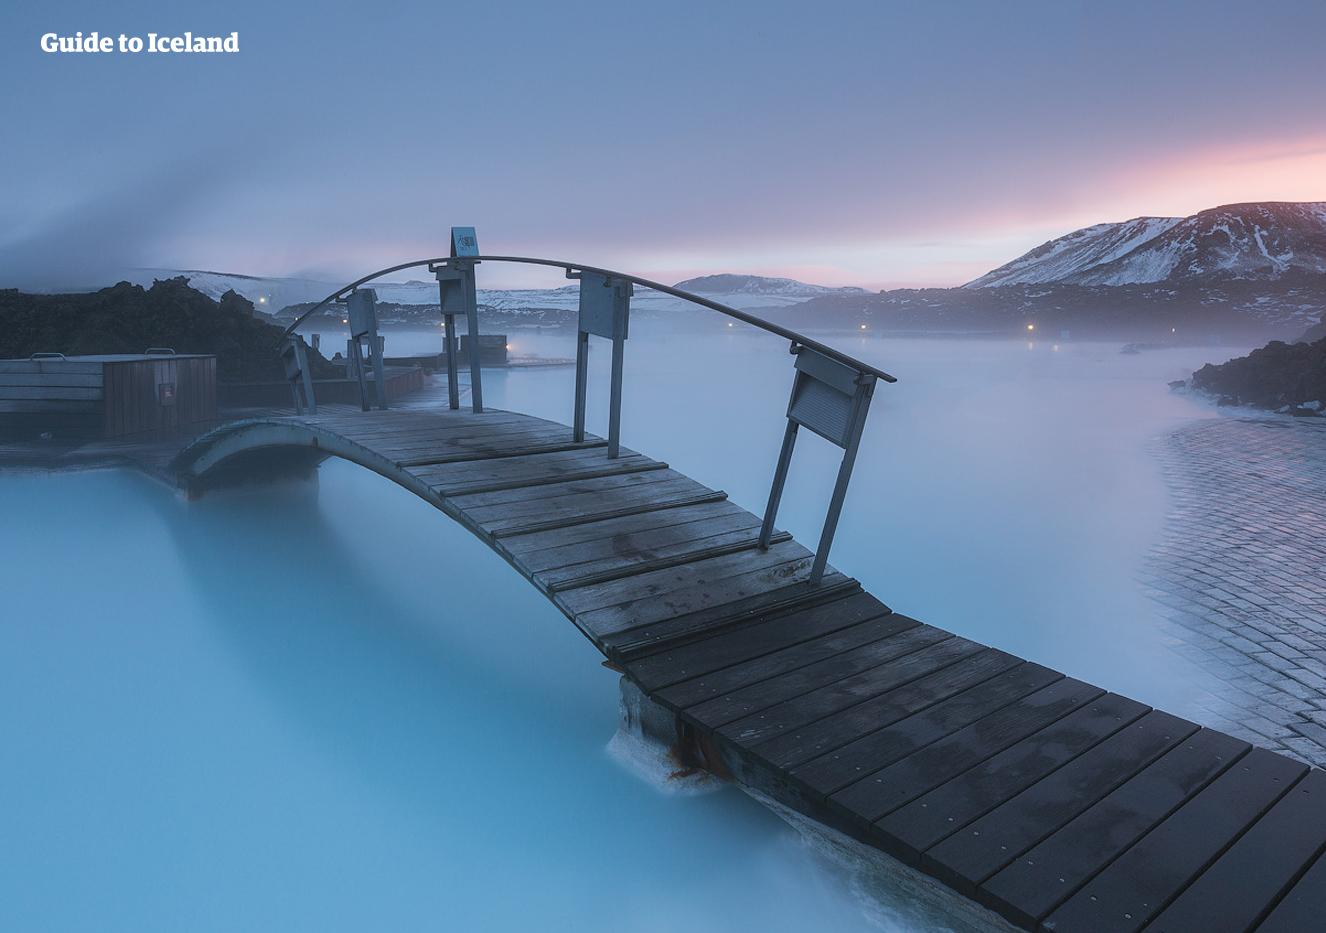 Słynne spa Blue Lagoon znajduje się na półwyspie Reykjanes.